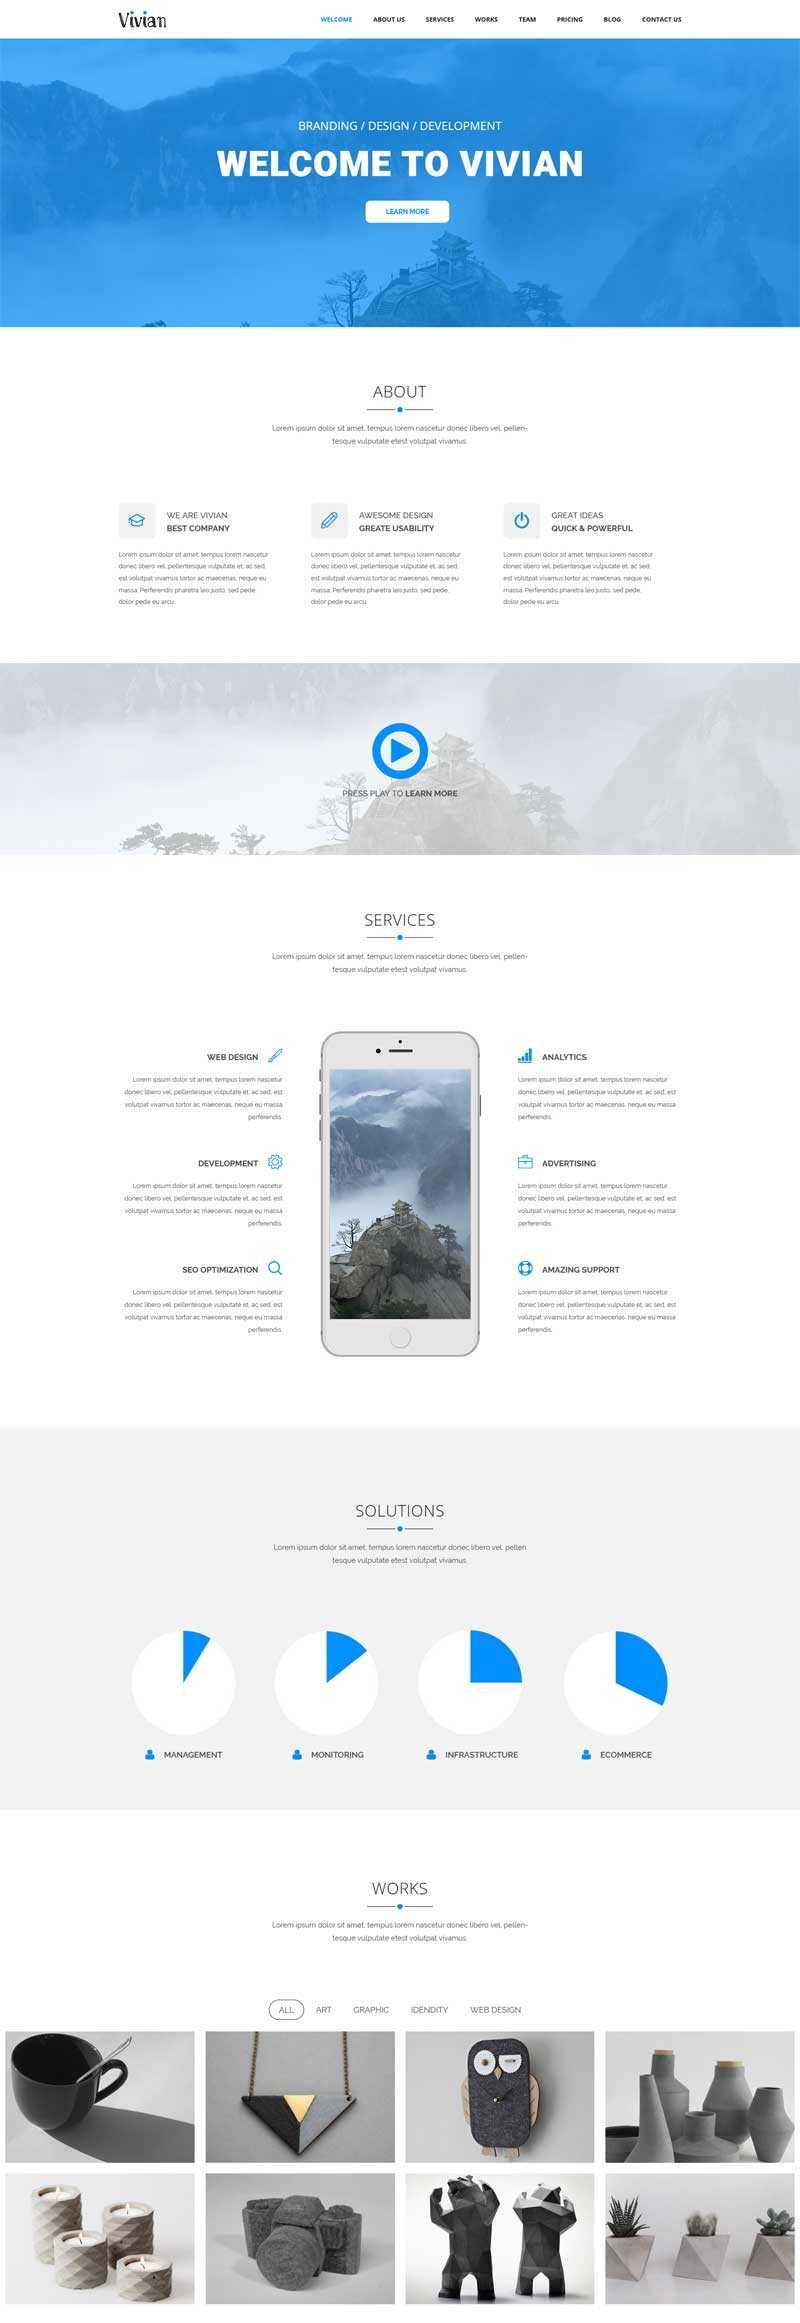 蓝色大气的公司业务介绍展示单页模板